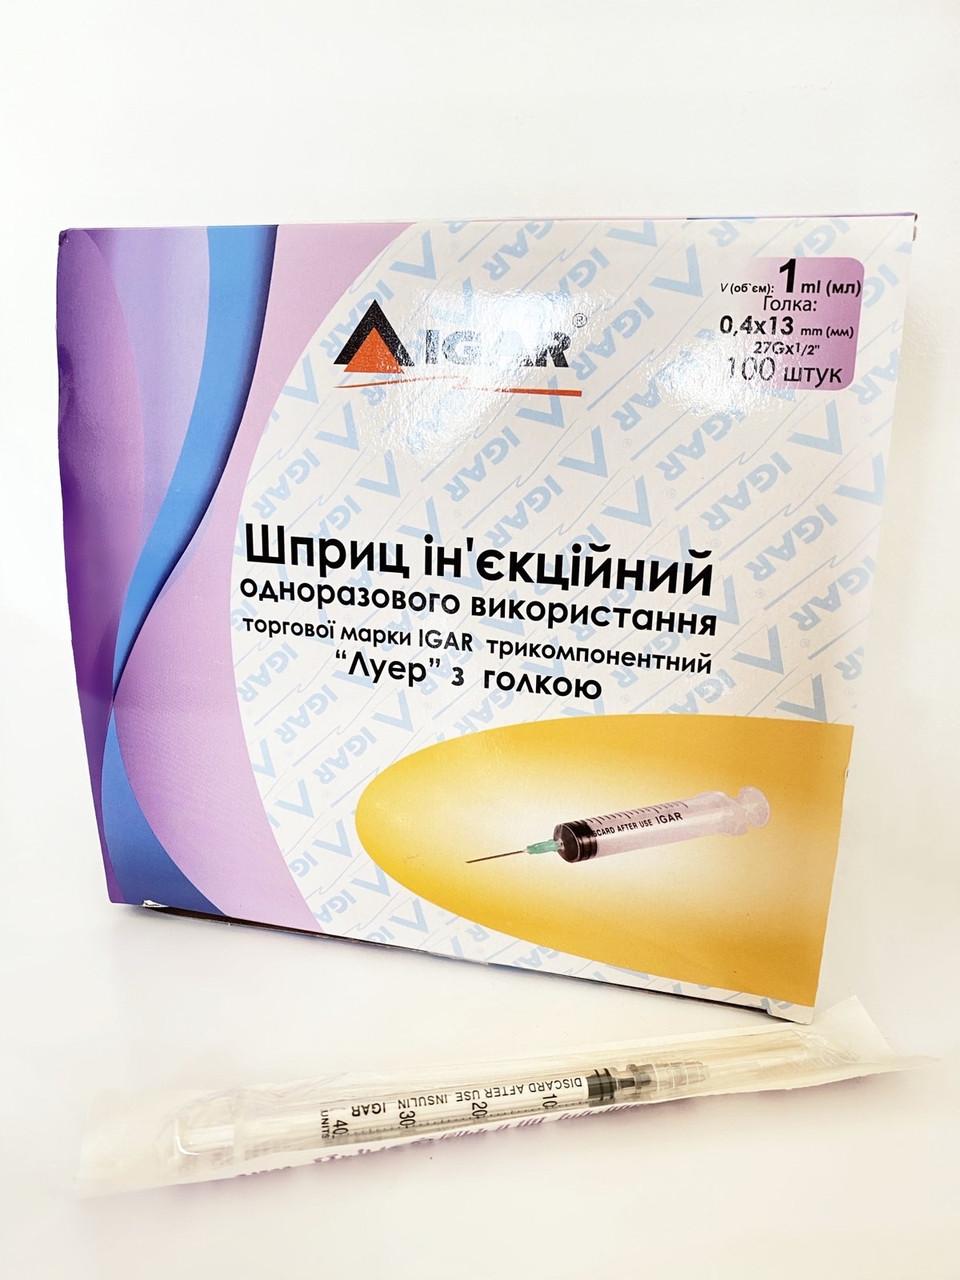 Шприц Igar 3-х  компонентный инсулиновый 1 мл со съемной иглой (100 шт./уп.)